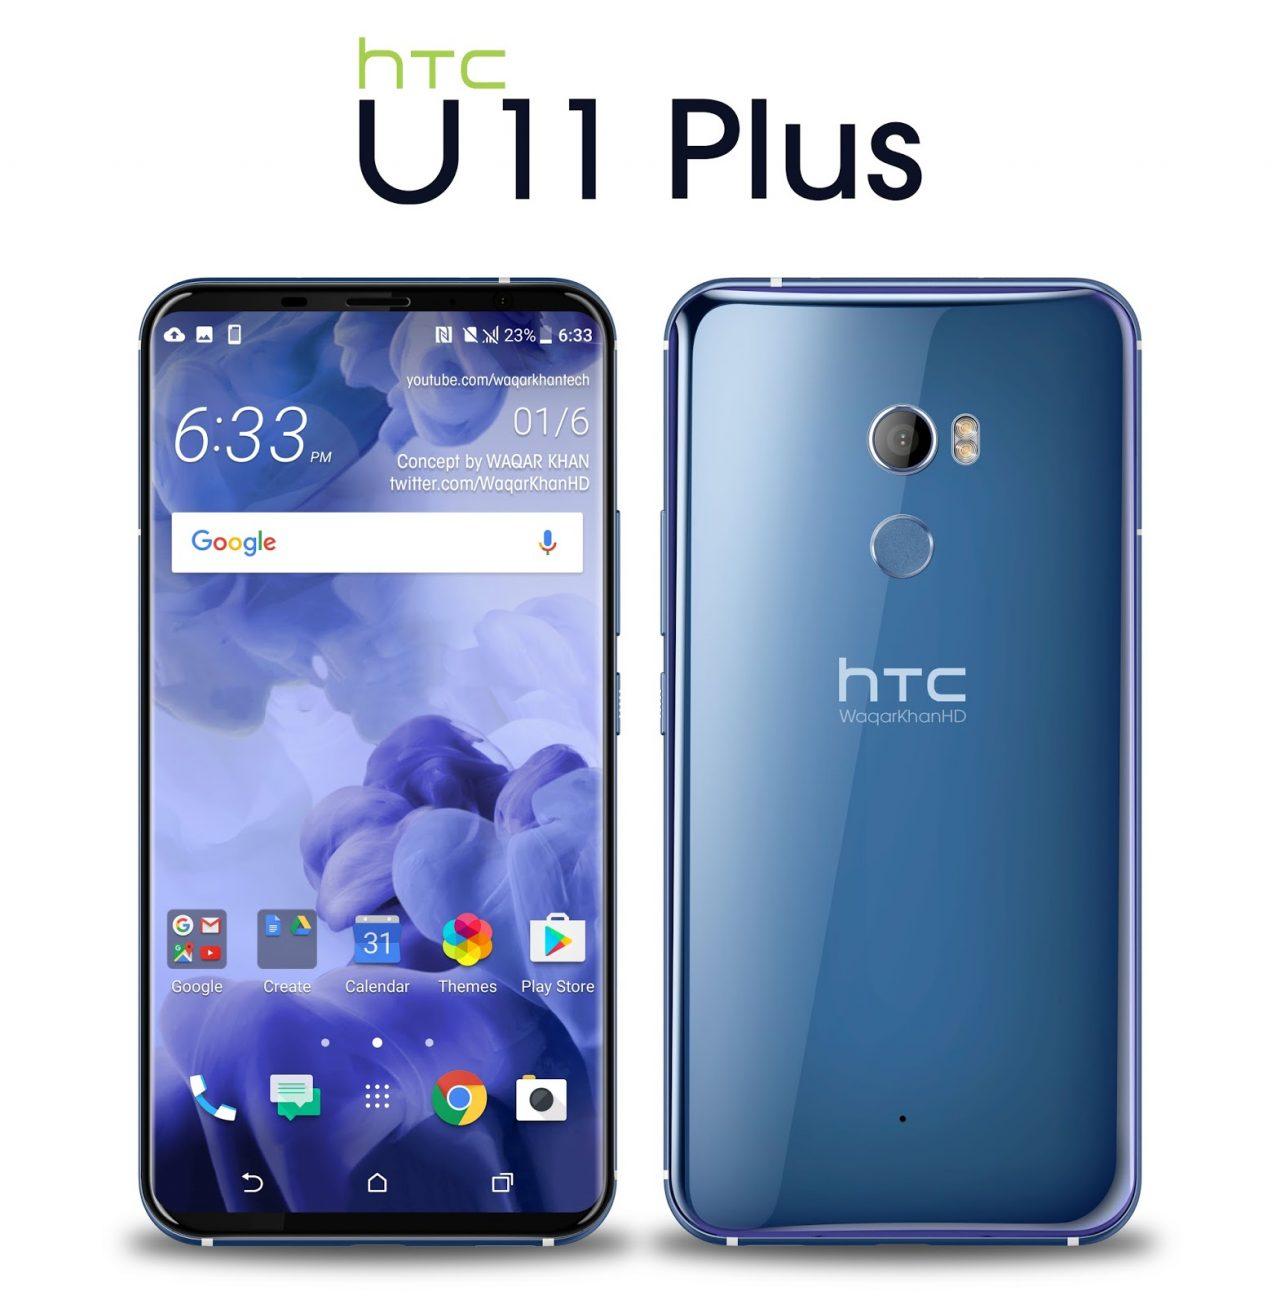 Das neue HTC U11 + für 719,00 € , Vertrieb exklusiv über den HTC Online Shop (Kostenlose Mitgliedschaft im HTC Club erforderlich)